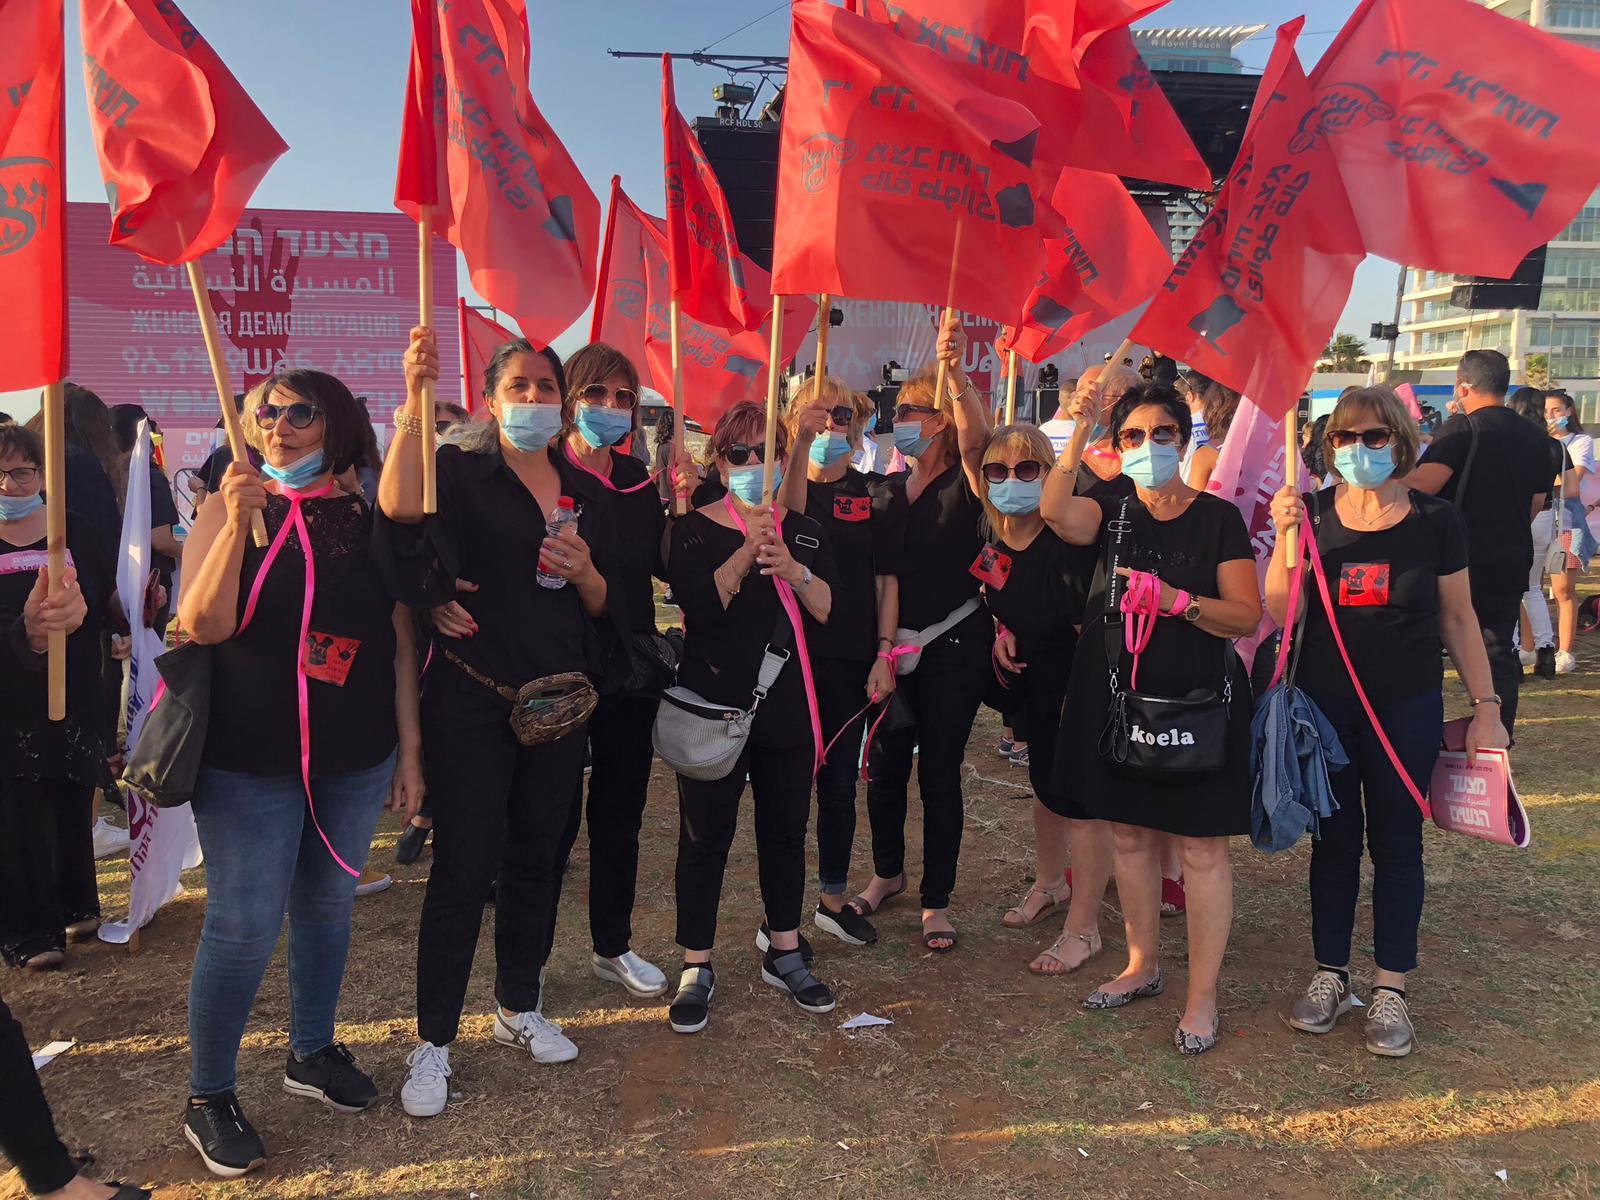 מתנדבות ויצו בהפגנה- די לאלימות לאחר רצח של אישה נוספת